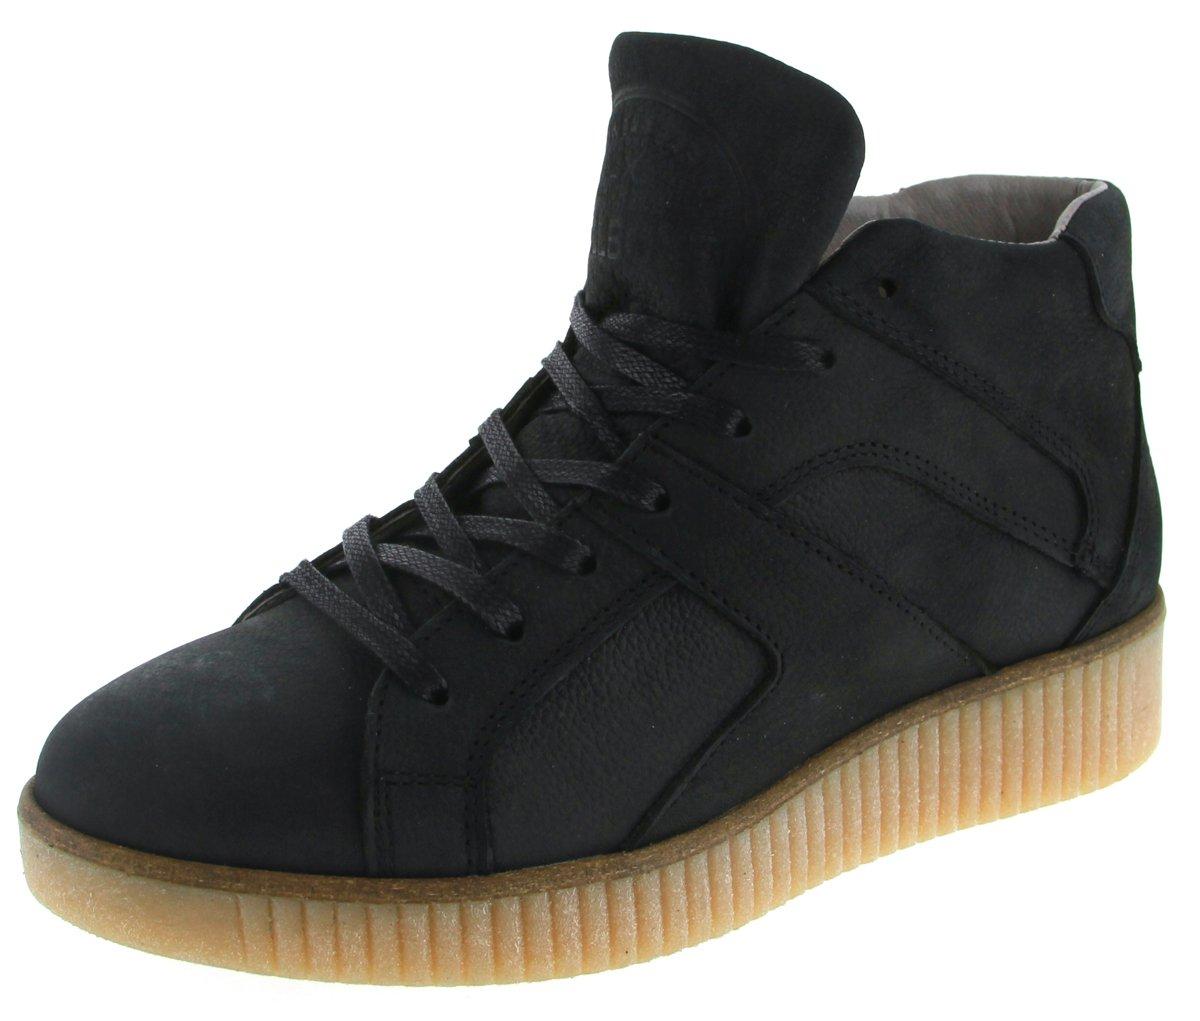 BULLBOXER 932500e5l - Zapatos de cordones para mujer 42|blck